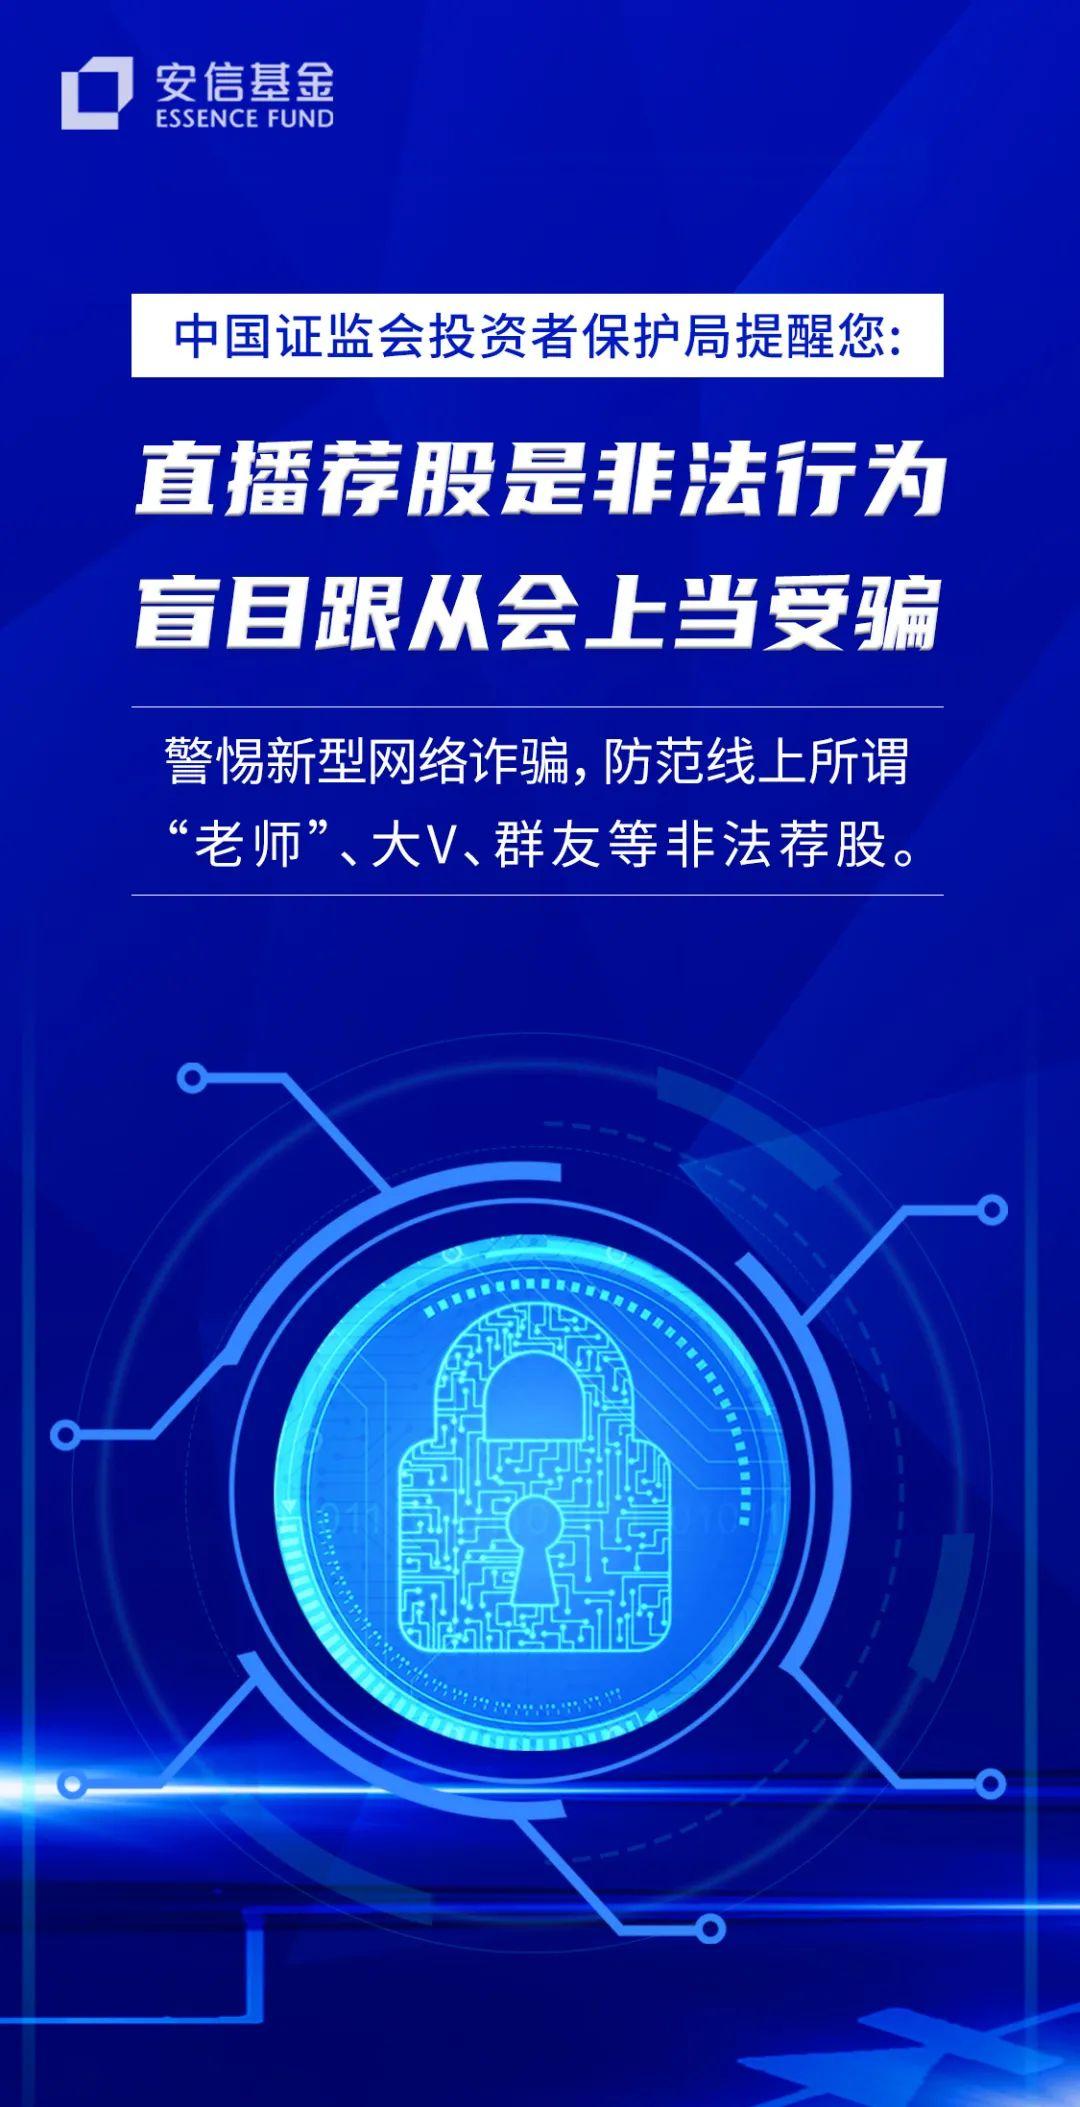 【投教专区】理性投资,警惕新型网络诈骗